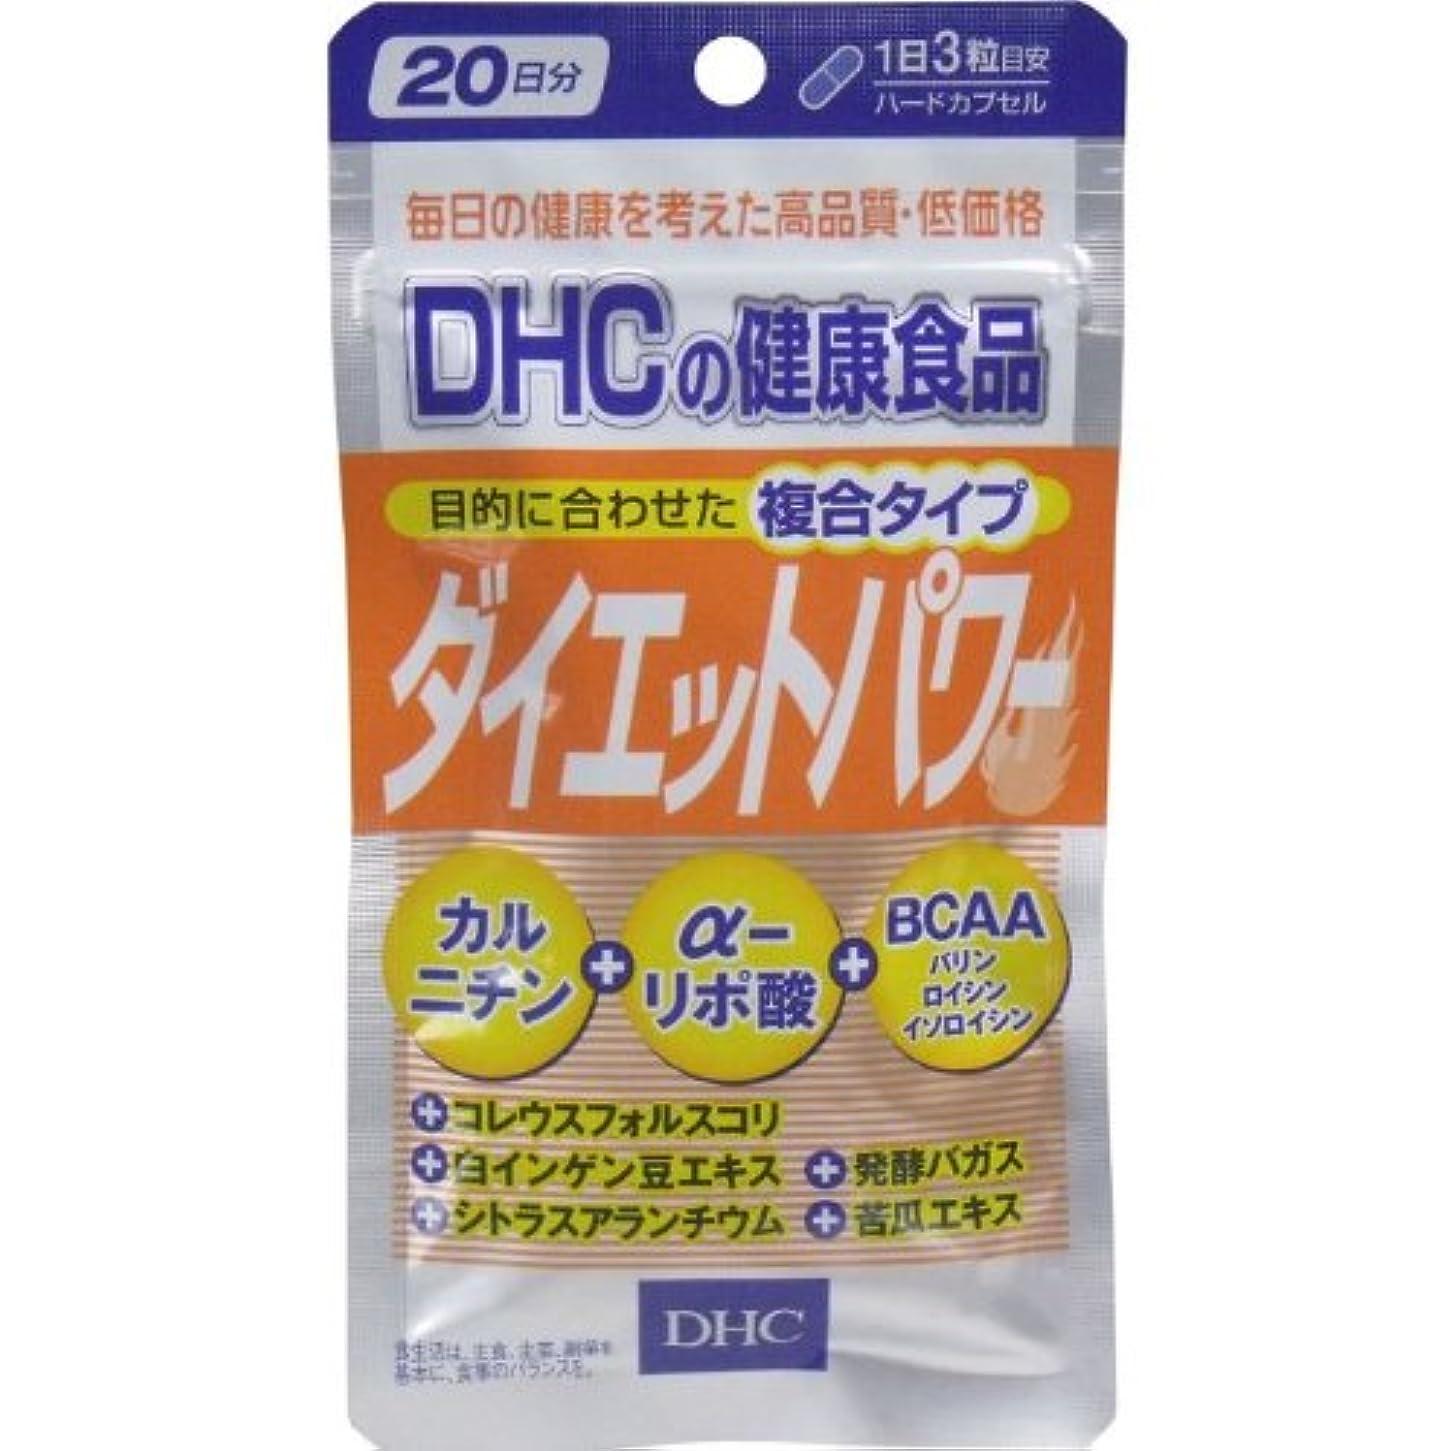 バースト上がる社会主義者DHC ダイエットパワー 60粒入 20日分【2個セット】